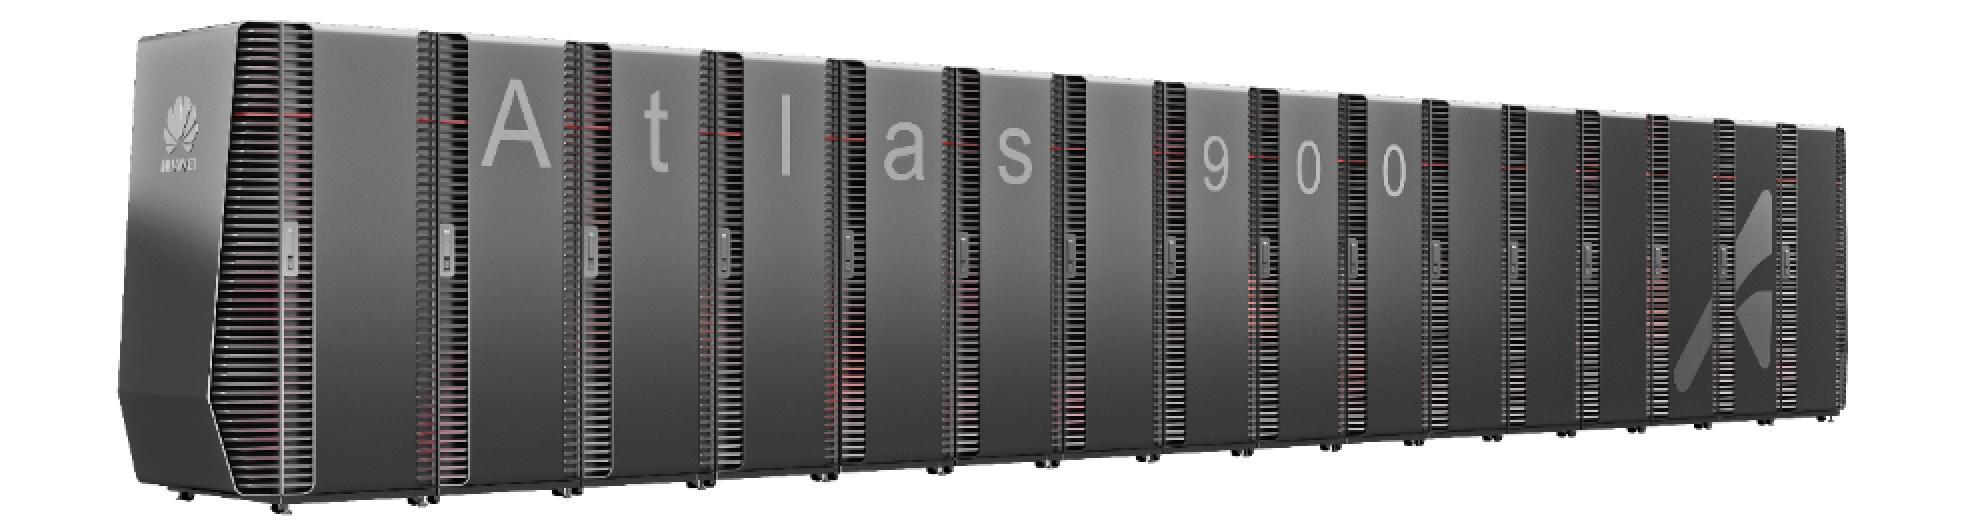 华为AI训练集群是什么? 华为AI训练集群Atlas900有多快?